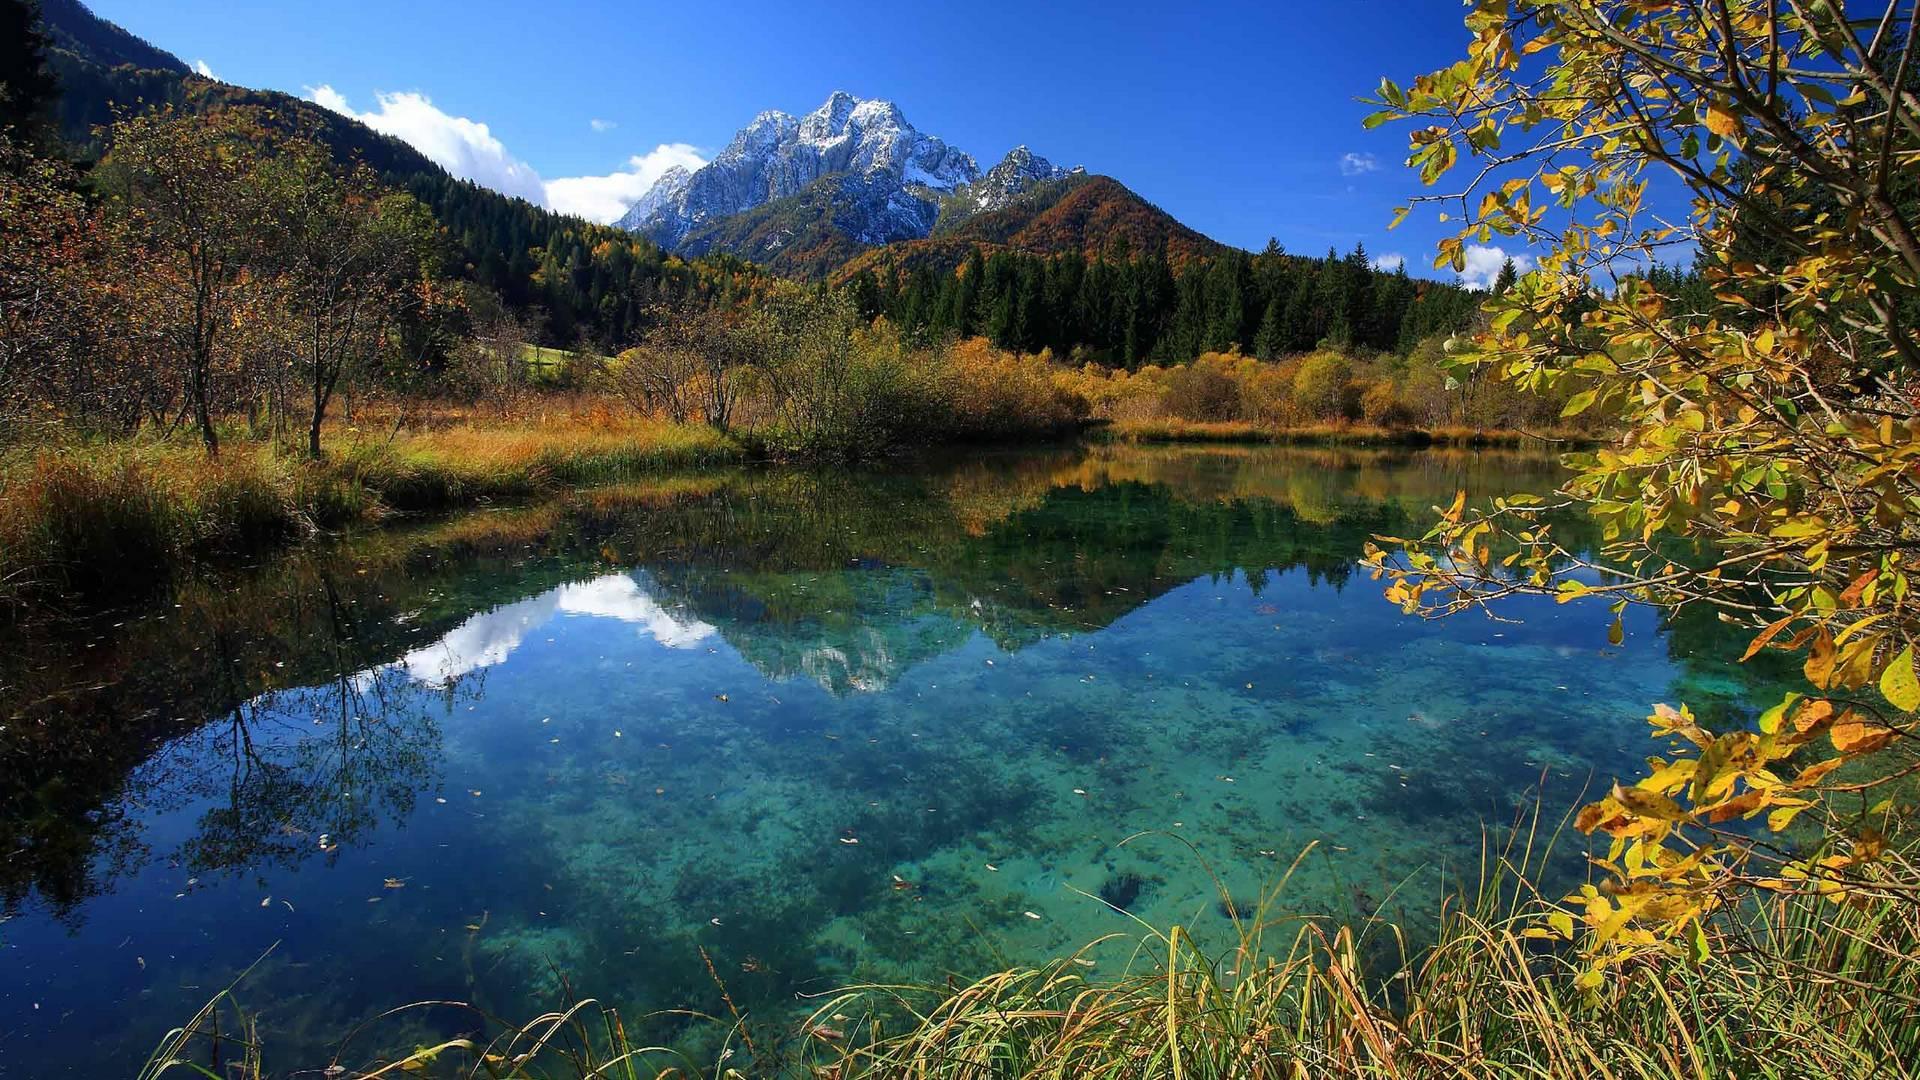 RT6 Naturreservat Zelenci c Krajnska Gora Tourist Board